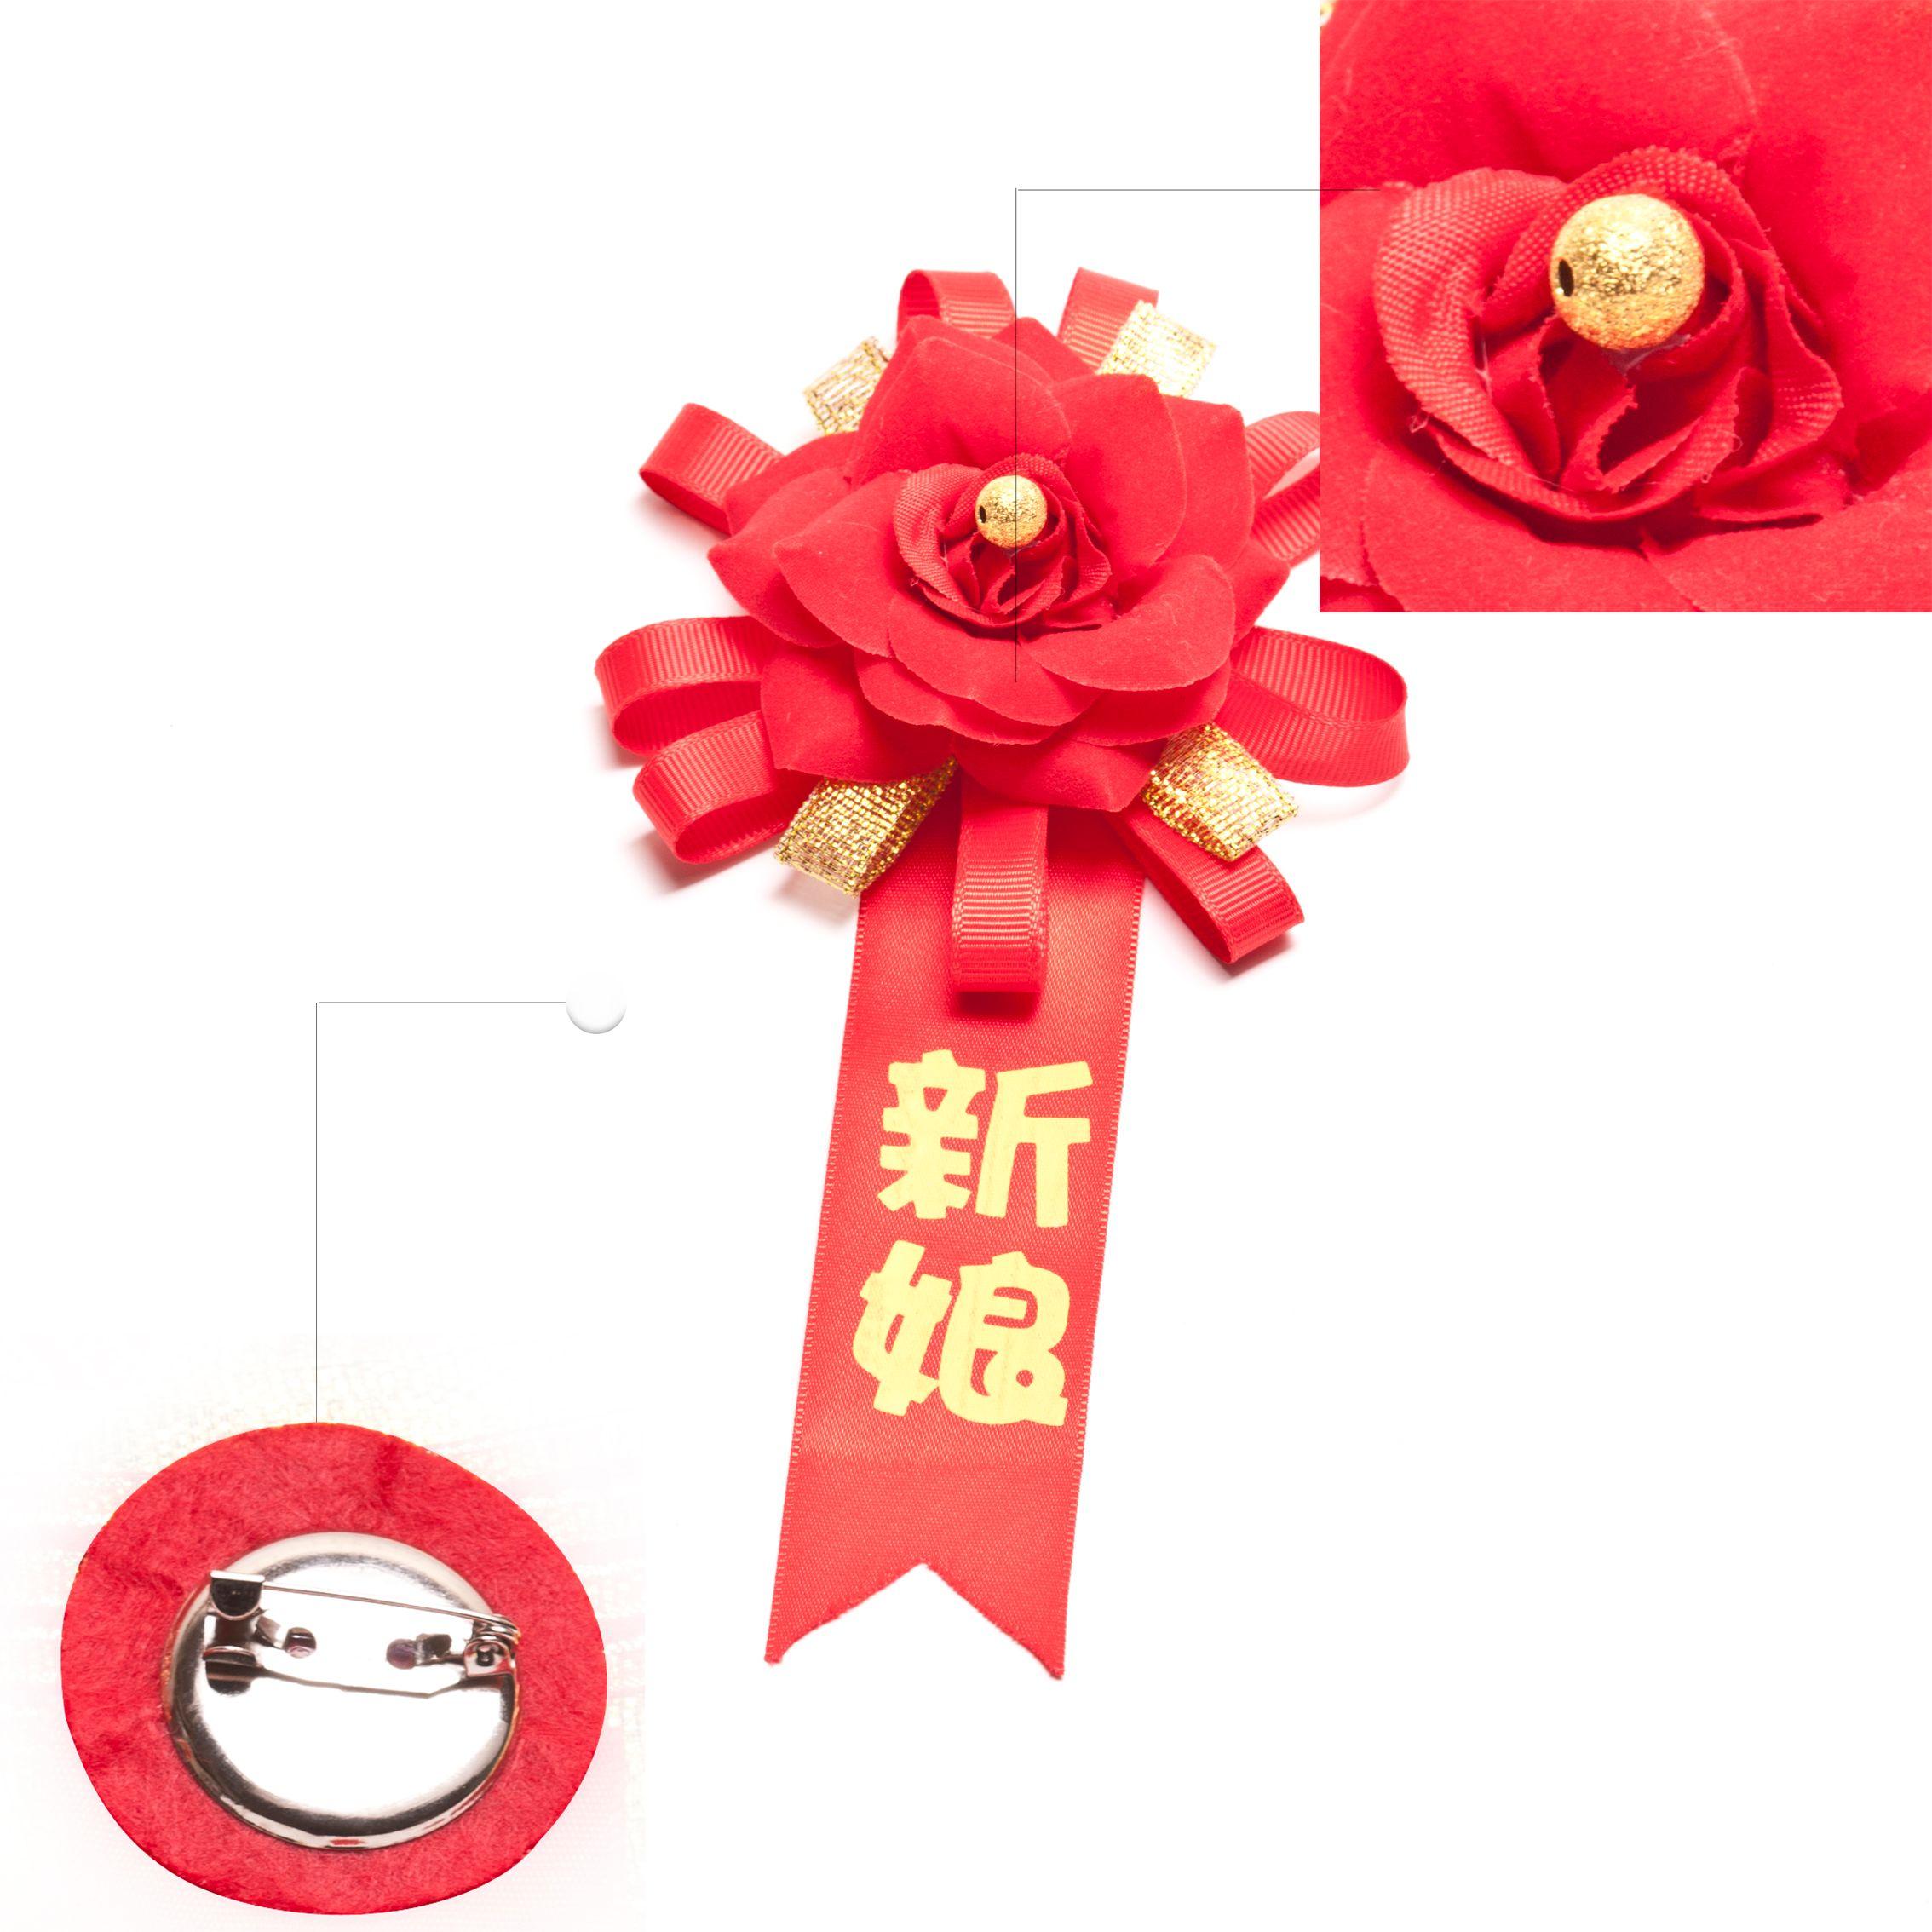 婚庆胸花仿真玫瑰花手工新郎新娘手腕花批发结婚胸花创意个性定制